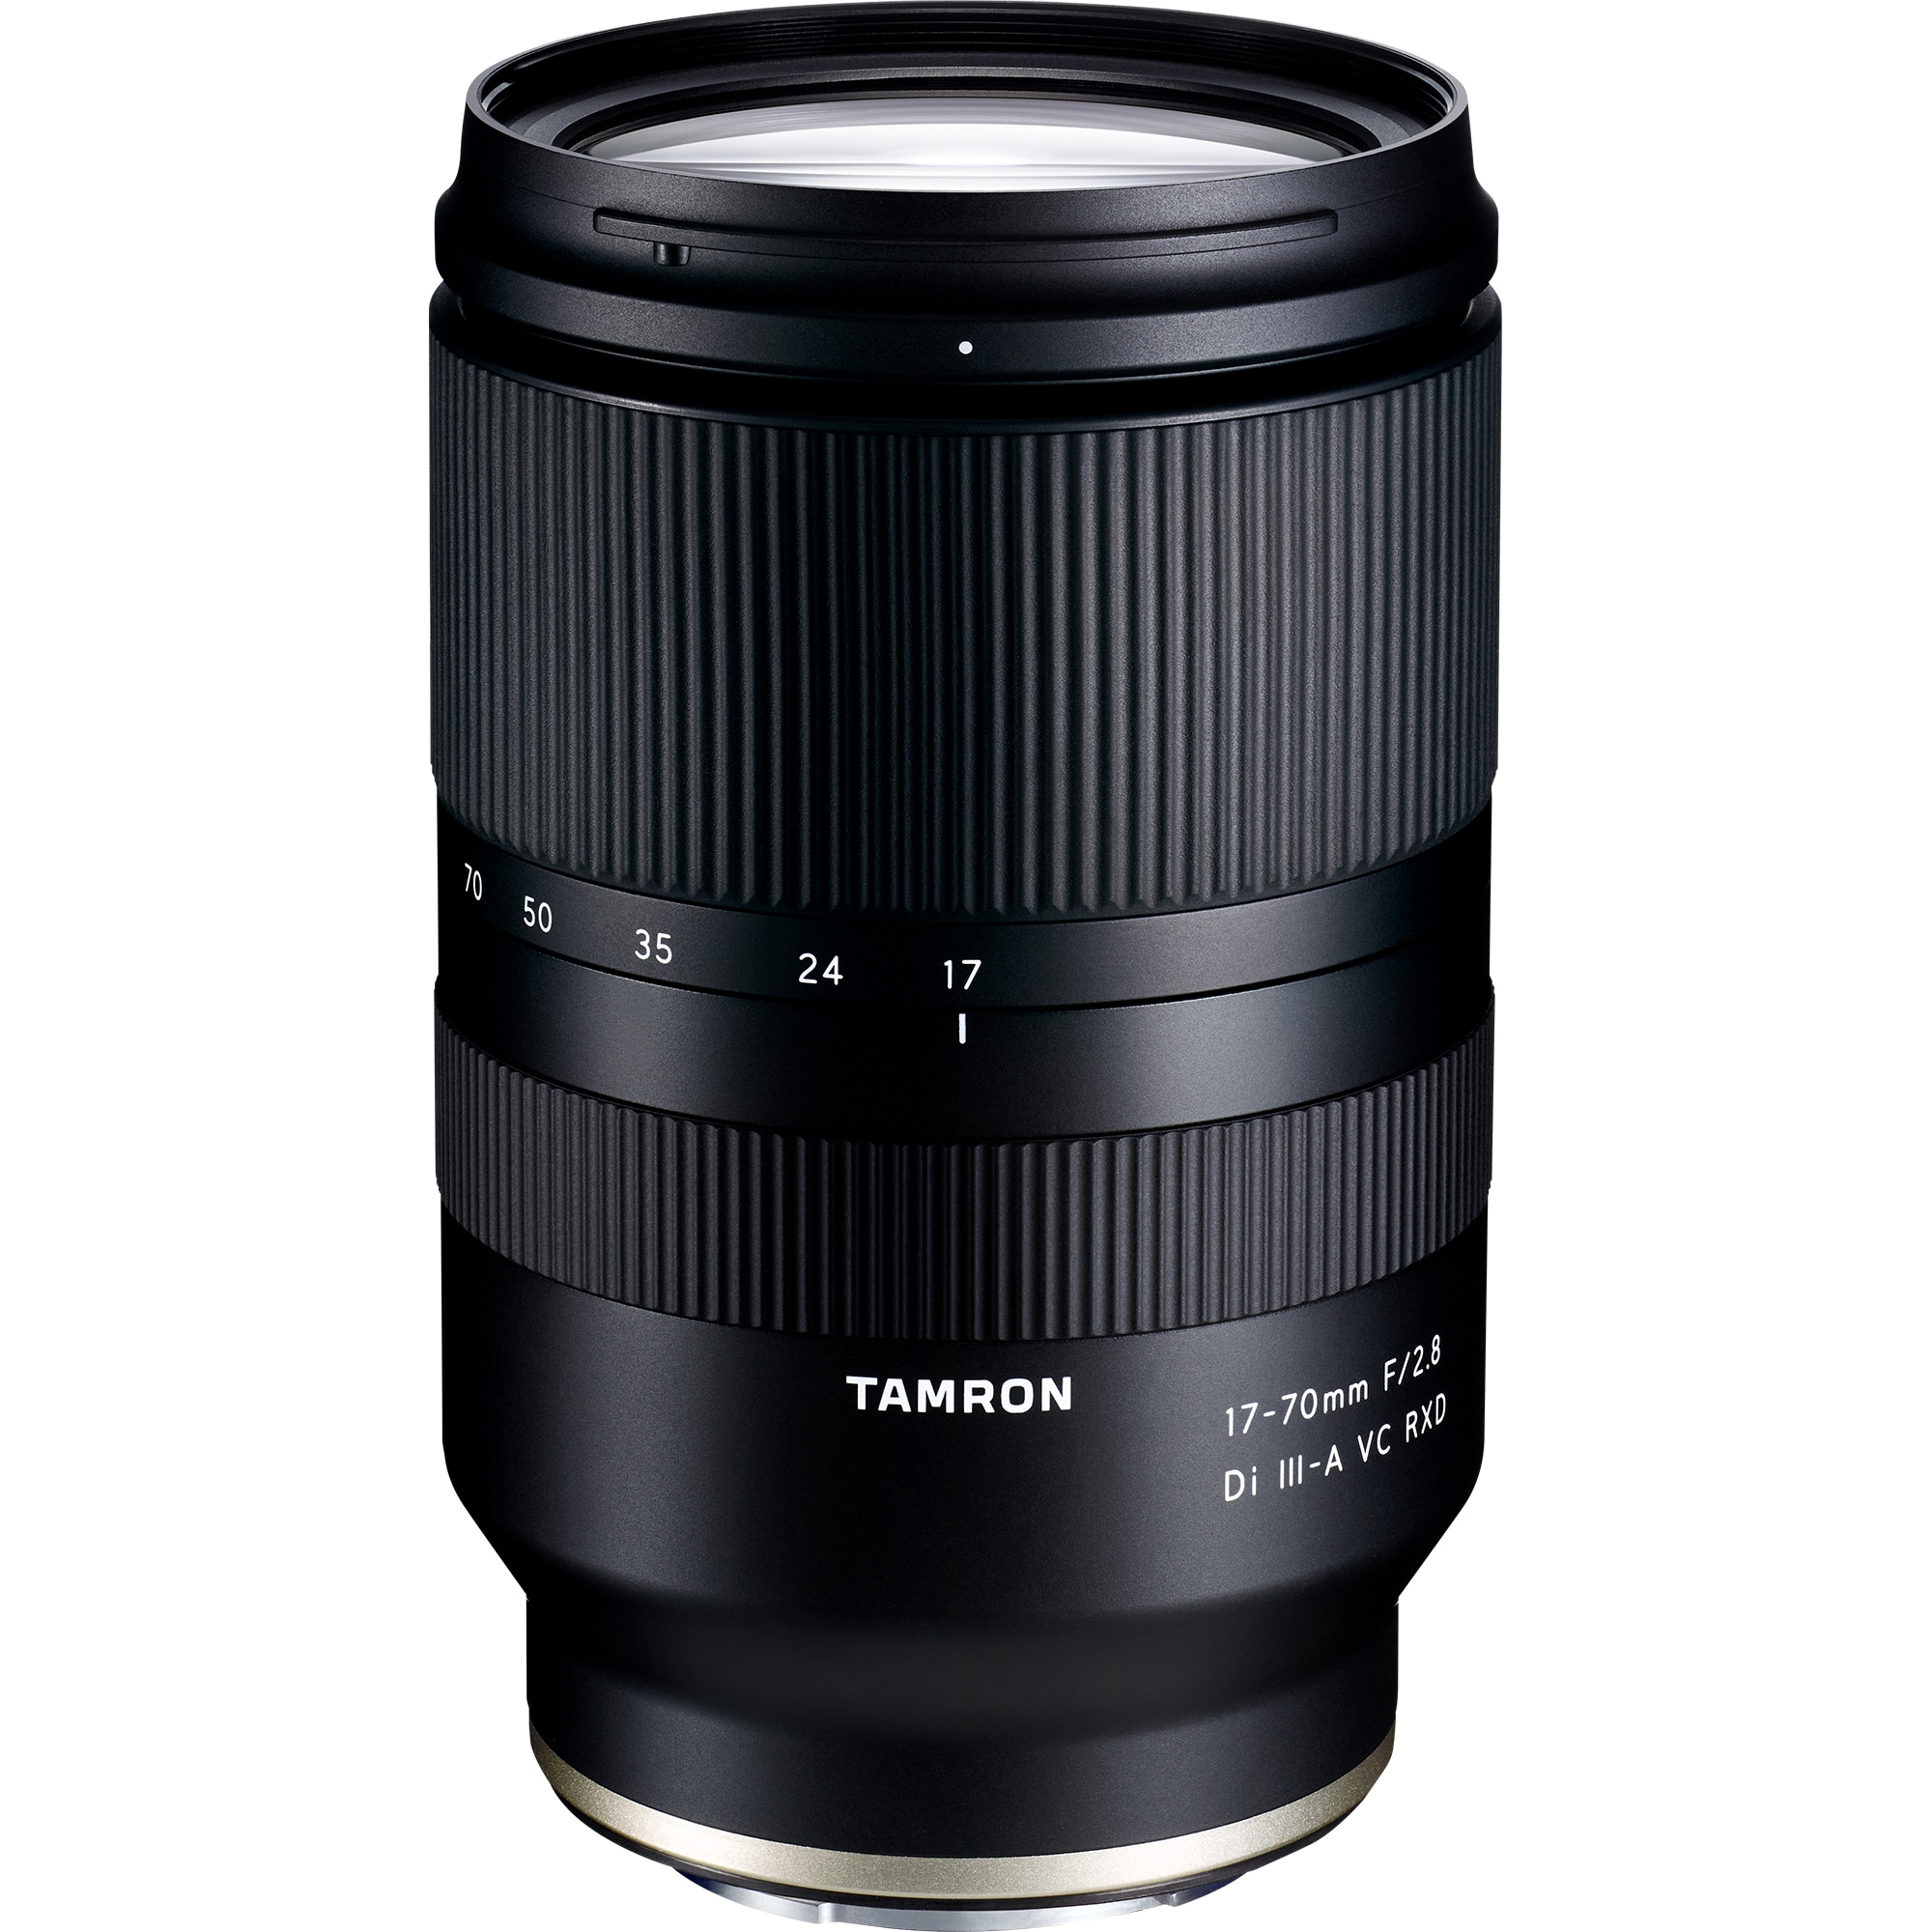 Tamron 17-70mm f/2,8 DI III-A VC till Sony E